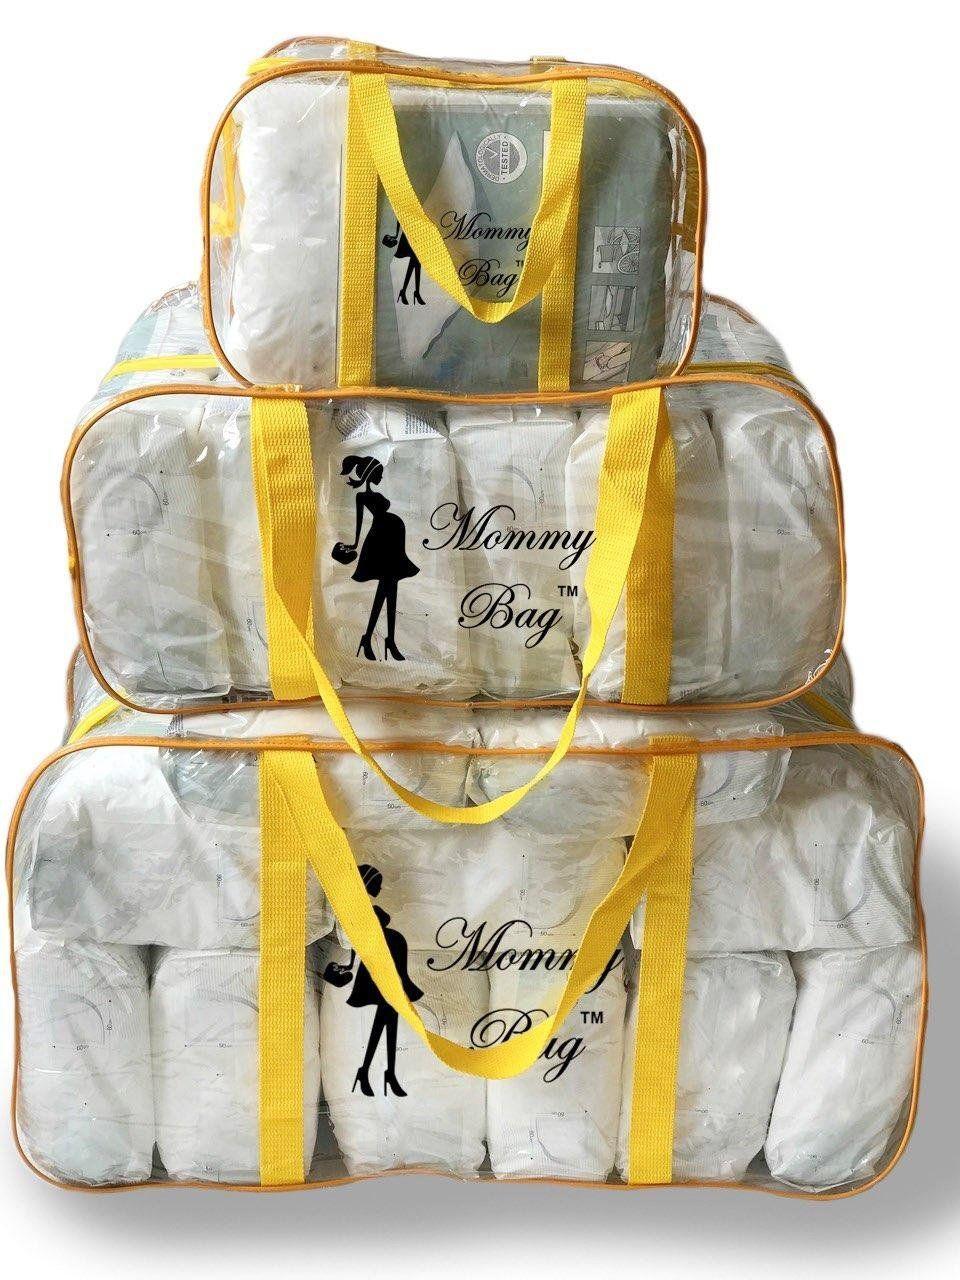 Набор из прозрачных сумок в роддом Mommy Bag, размеры - S, L, XL, цвет - Жёлтый